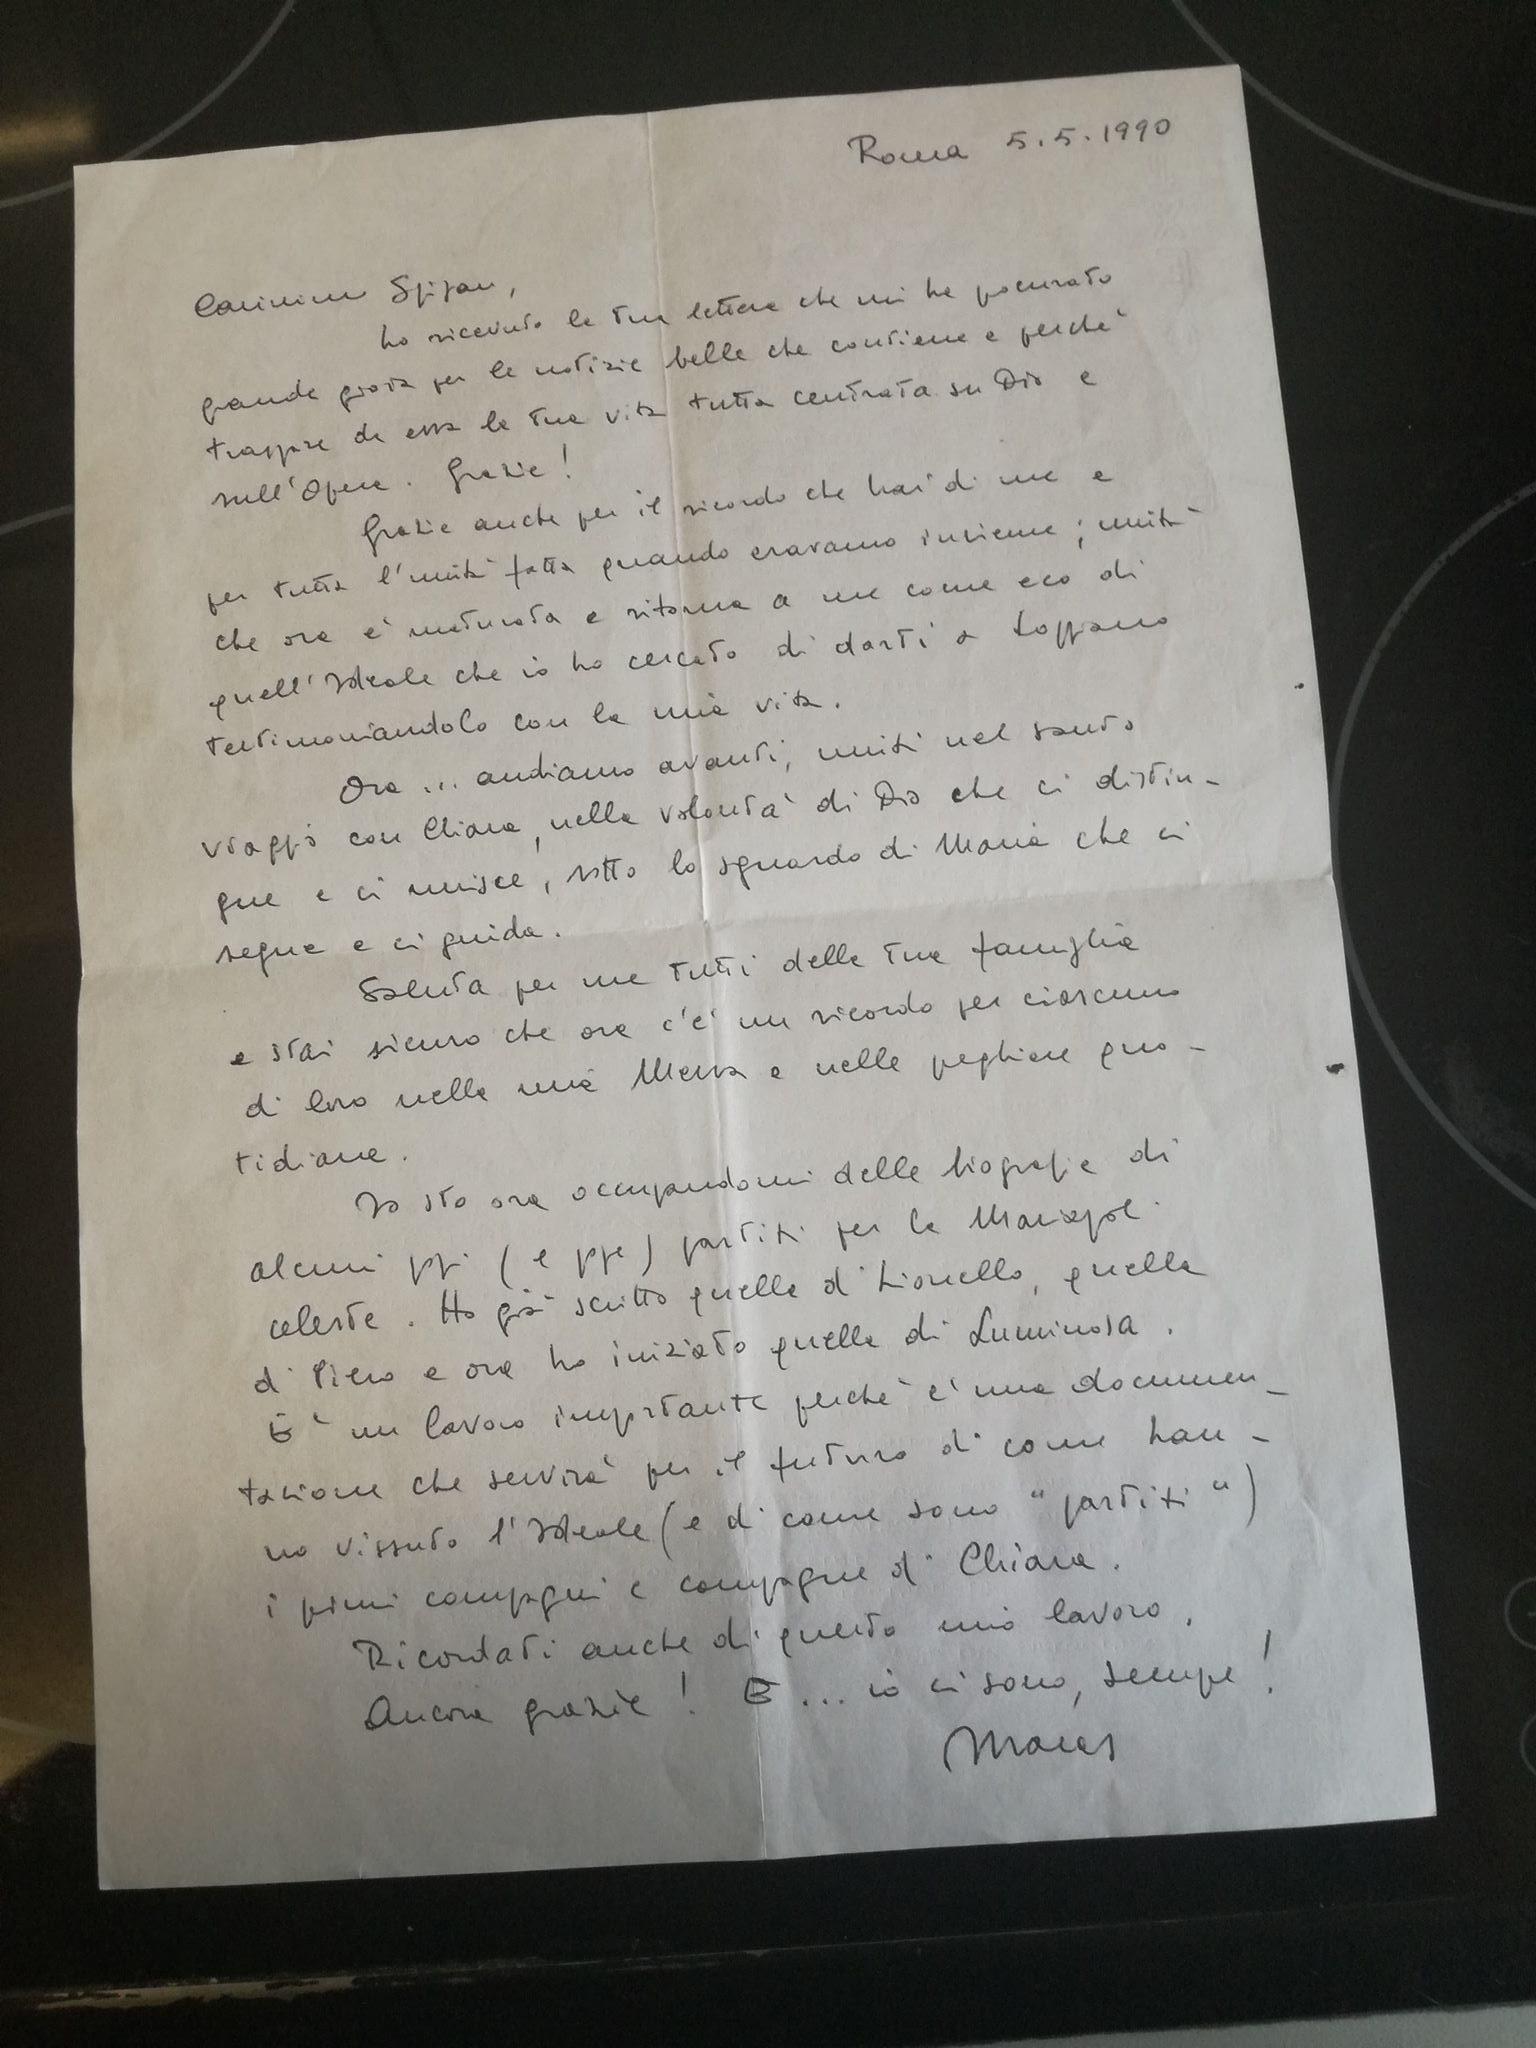 lettera di Maras a Stipan